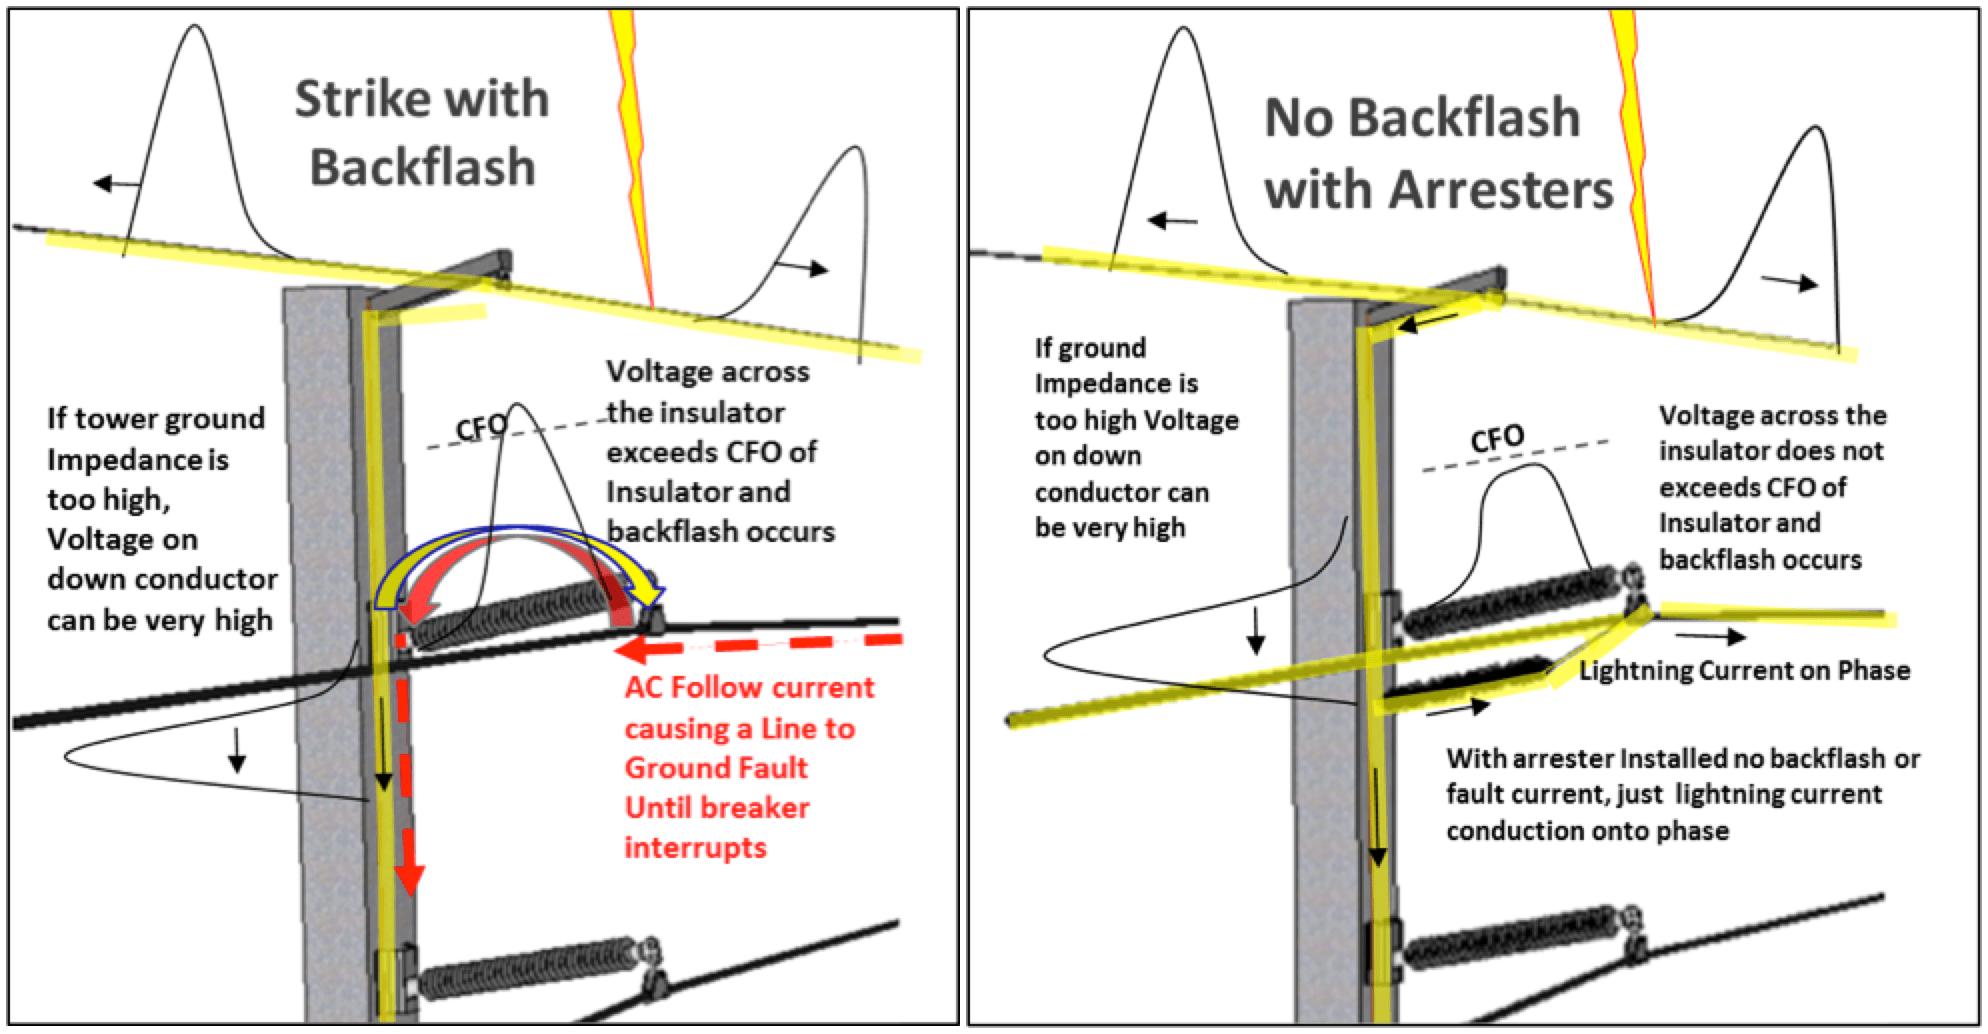 Fig. 4: Overview of back-flashover process. line arrester Benefits Justify Application of Transmission Line Surge Arresters Screen Shot 2016 11 11 at 12